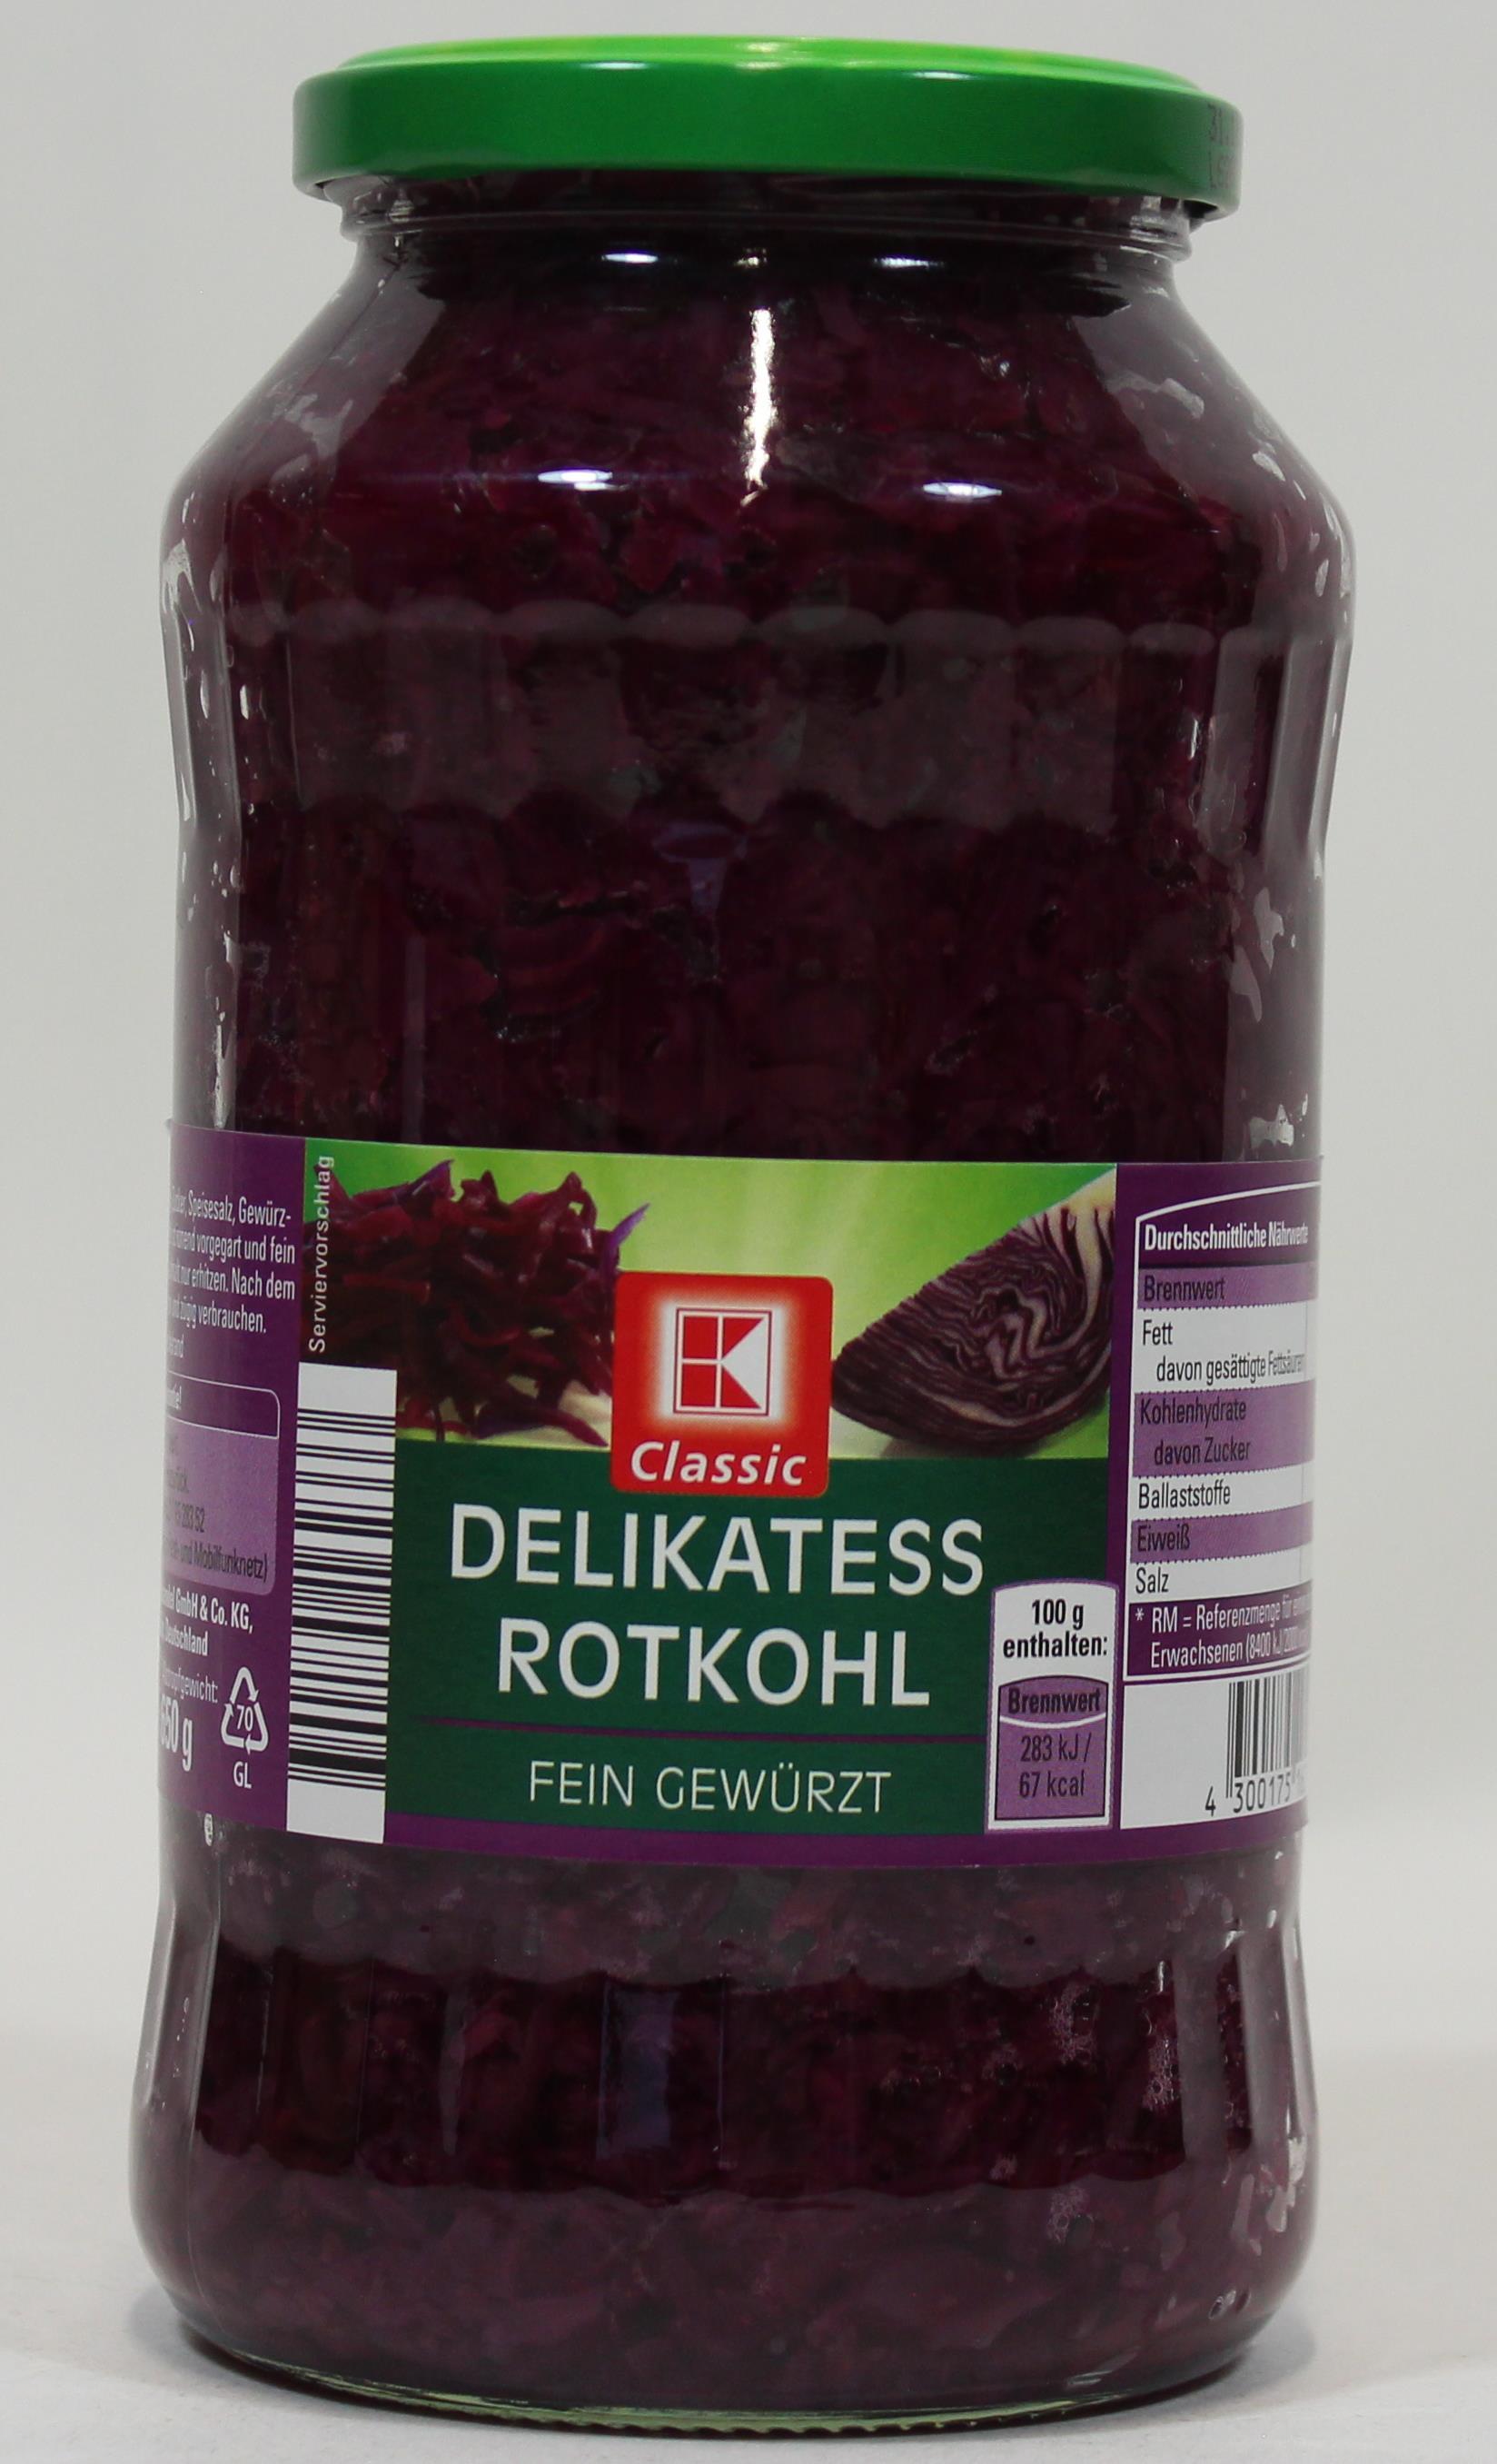 K-Classic Delikatess Rotkohl